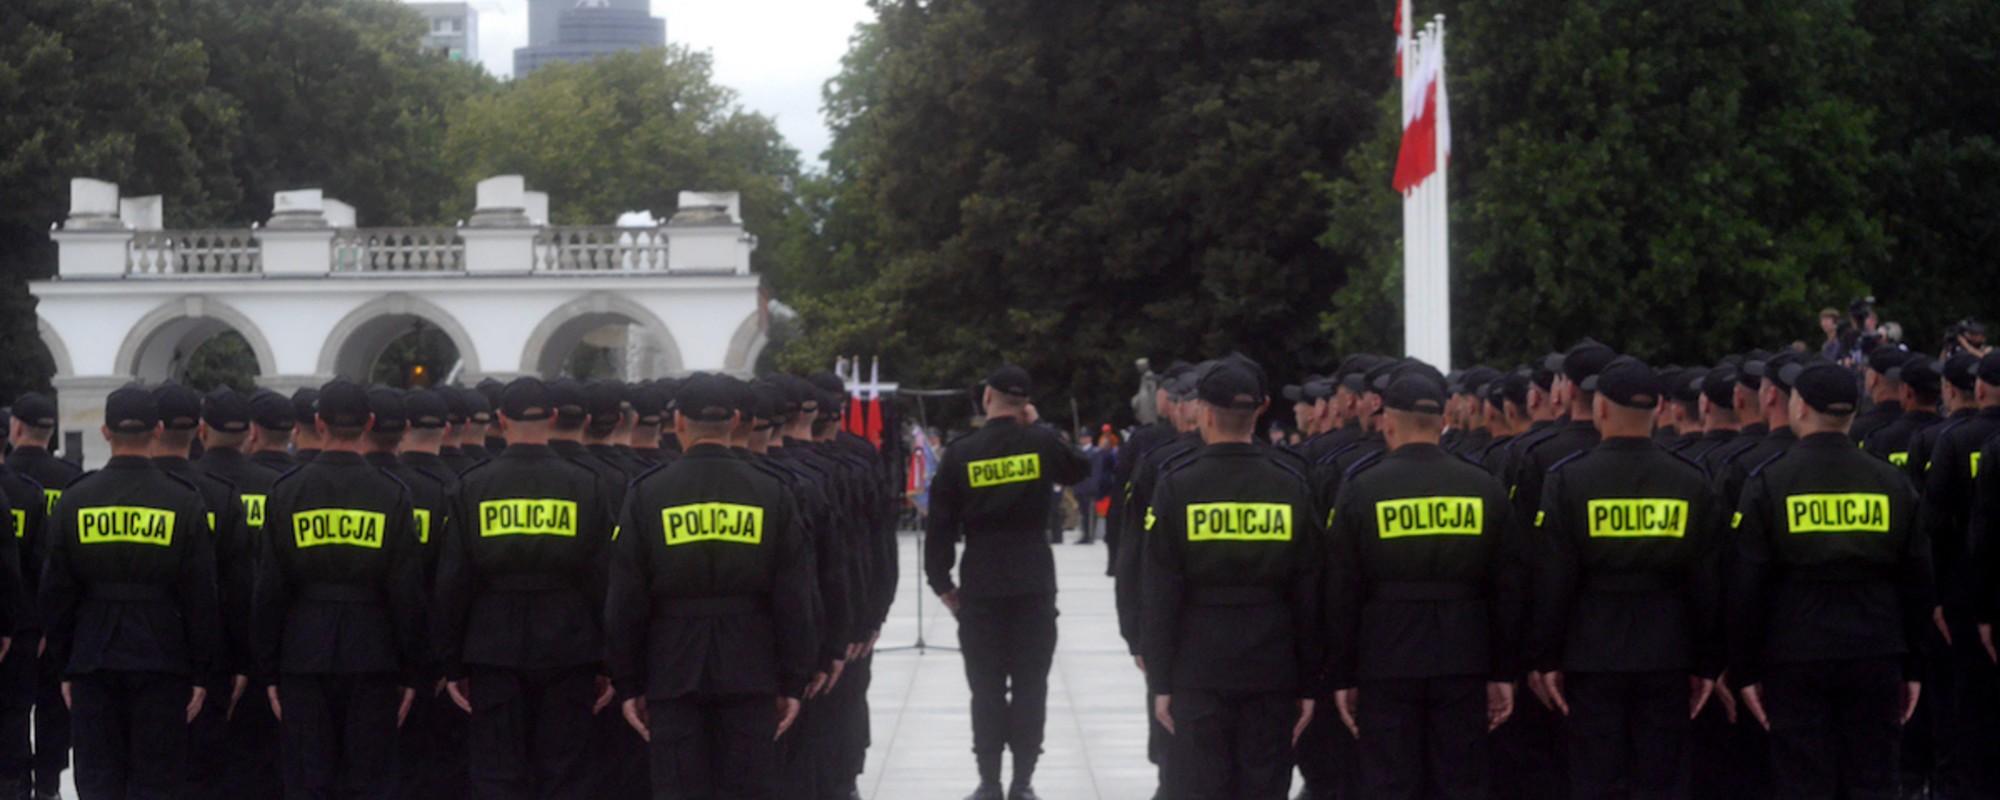 Dużo policjantów na Święcie Policji